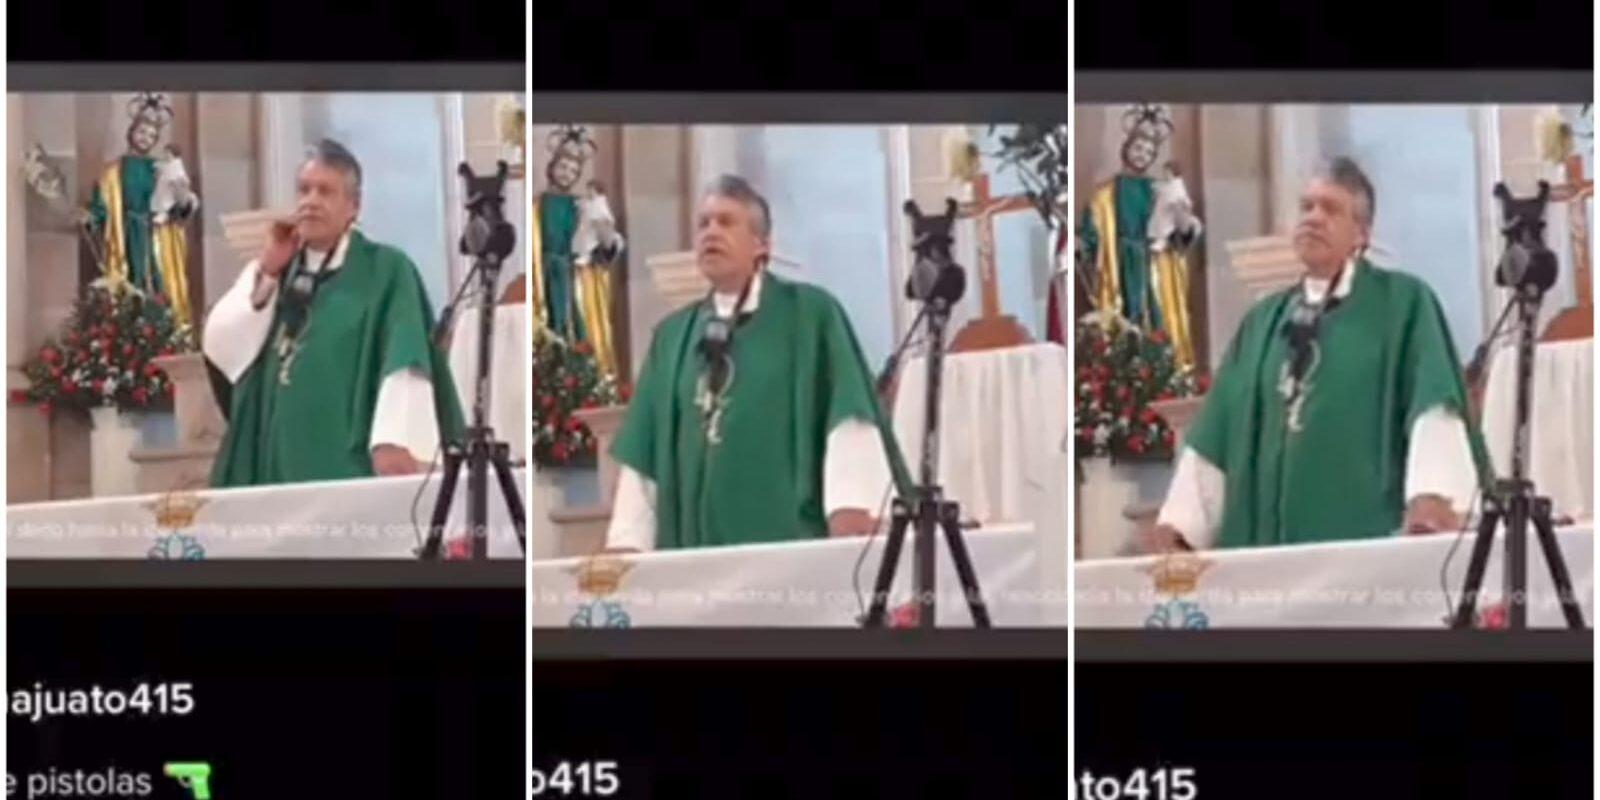 Denuncian a sacerdote en redes; insultó a mujer con sobrepeso: 'Una pinch* vieja gorda y con cuerpo de dado'